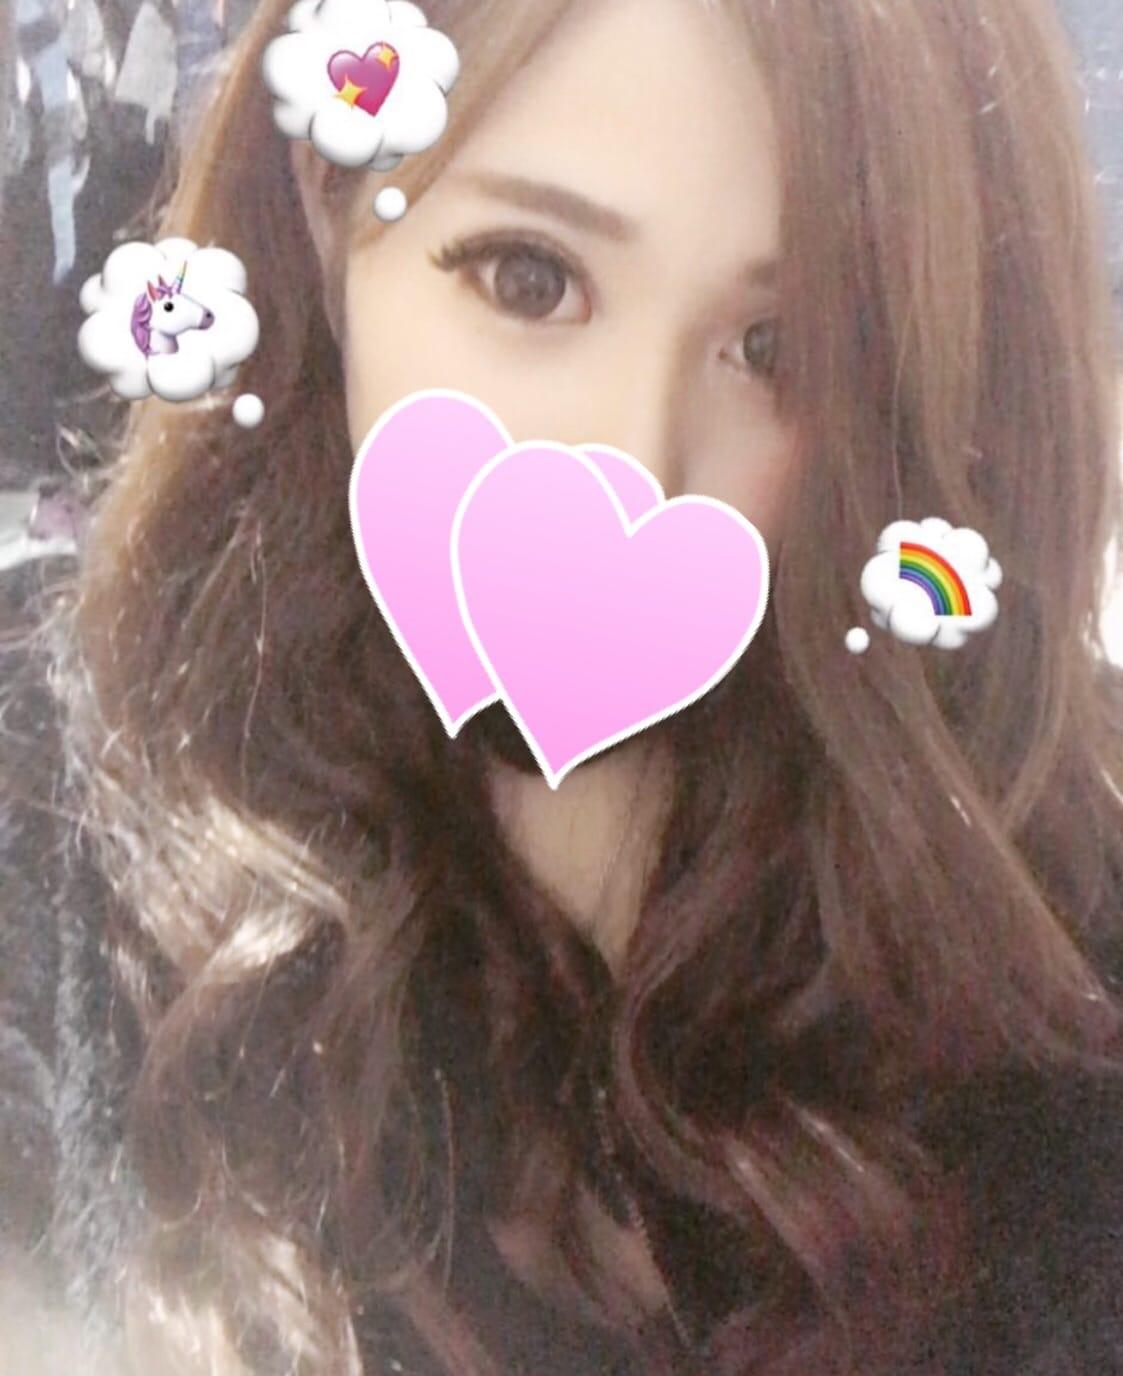 「れいな」11/23(木) 00:54 | REINAの写メ・風俗動画